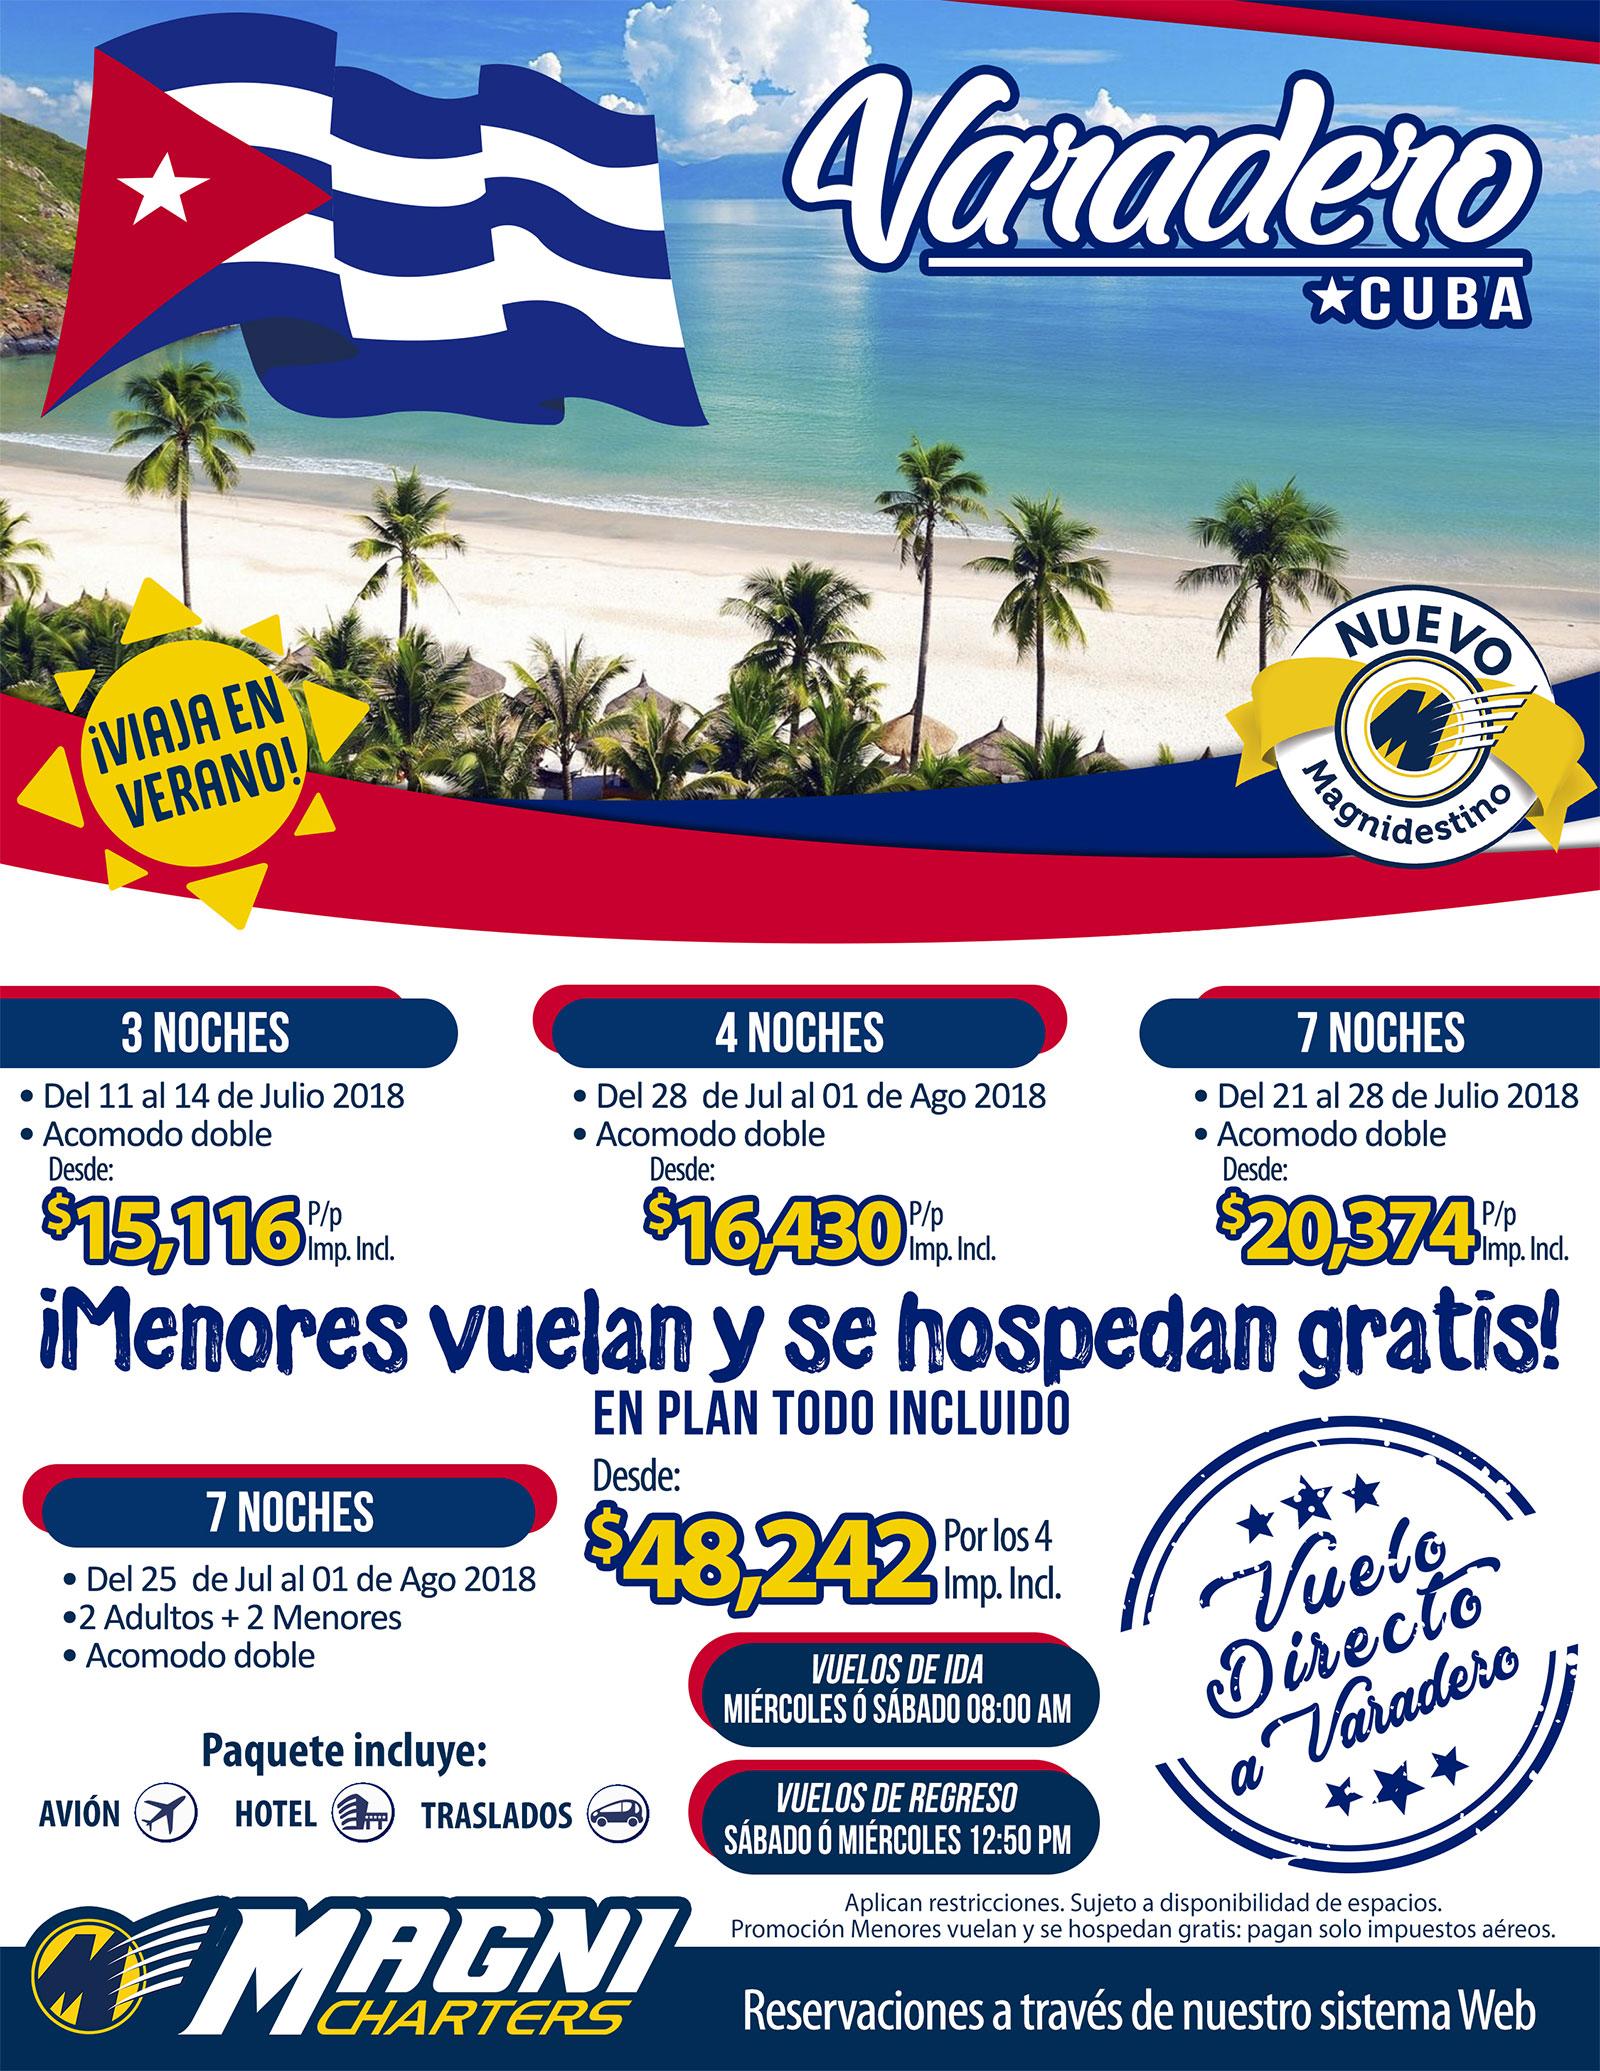 Magnicharters Verano 2018 Paquetes a Cuba desde Monterrey